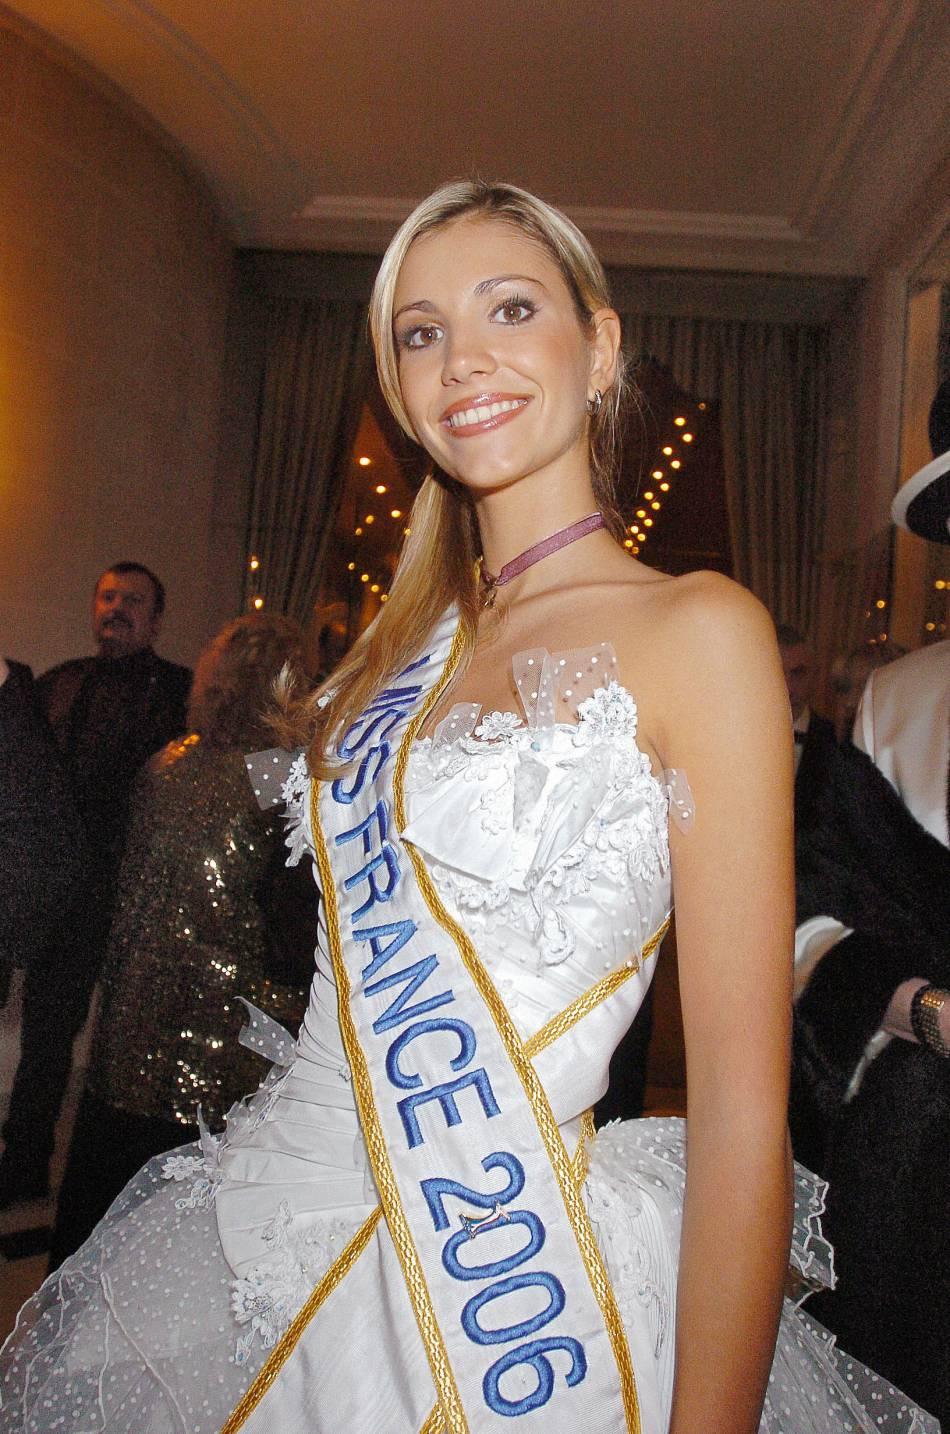 Alexandra Rosenfeld fut Miss France 2006. Sa fille, qui lui ressemble beaucoup, connaitra-t-elle le même destin ?